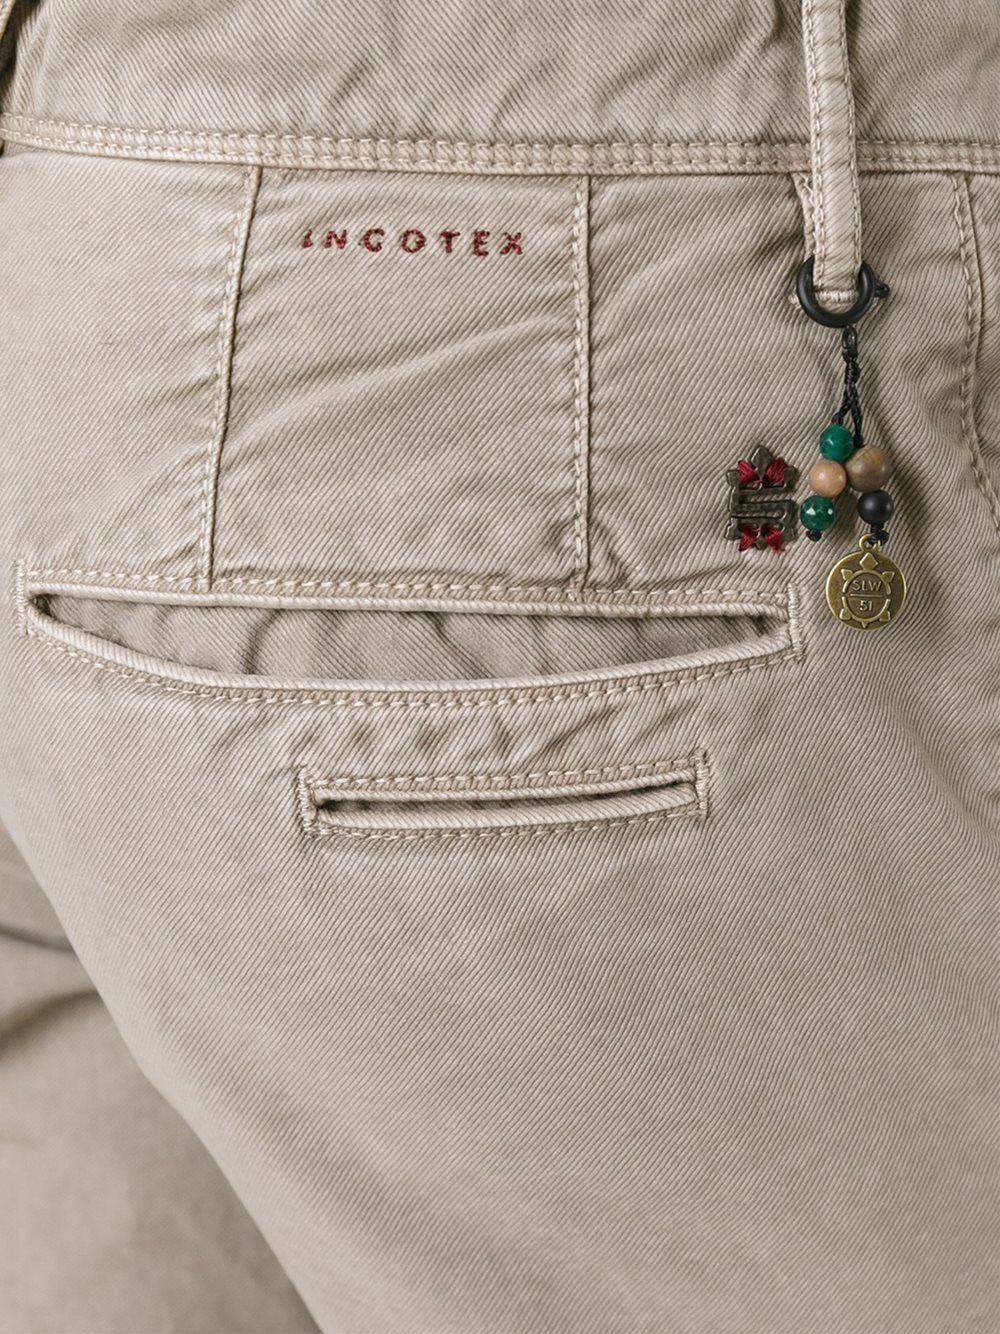 74ef749ad Trouser back pocket details Mens Trousers Casual, Men Trousers, Trouser  Pants, Denim Pants